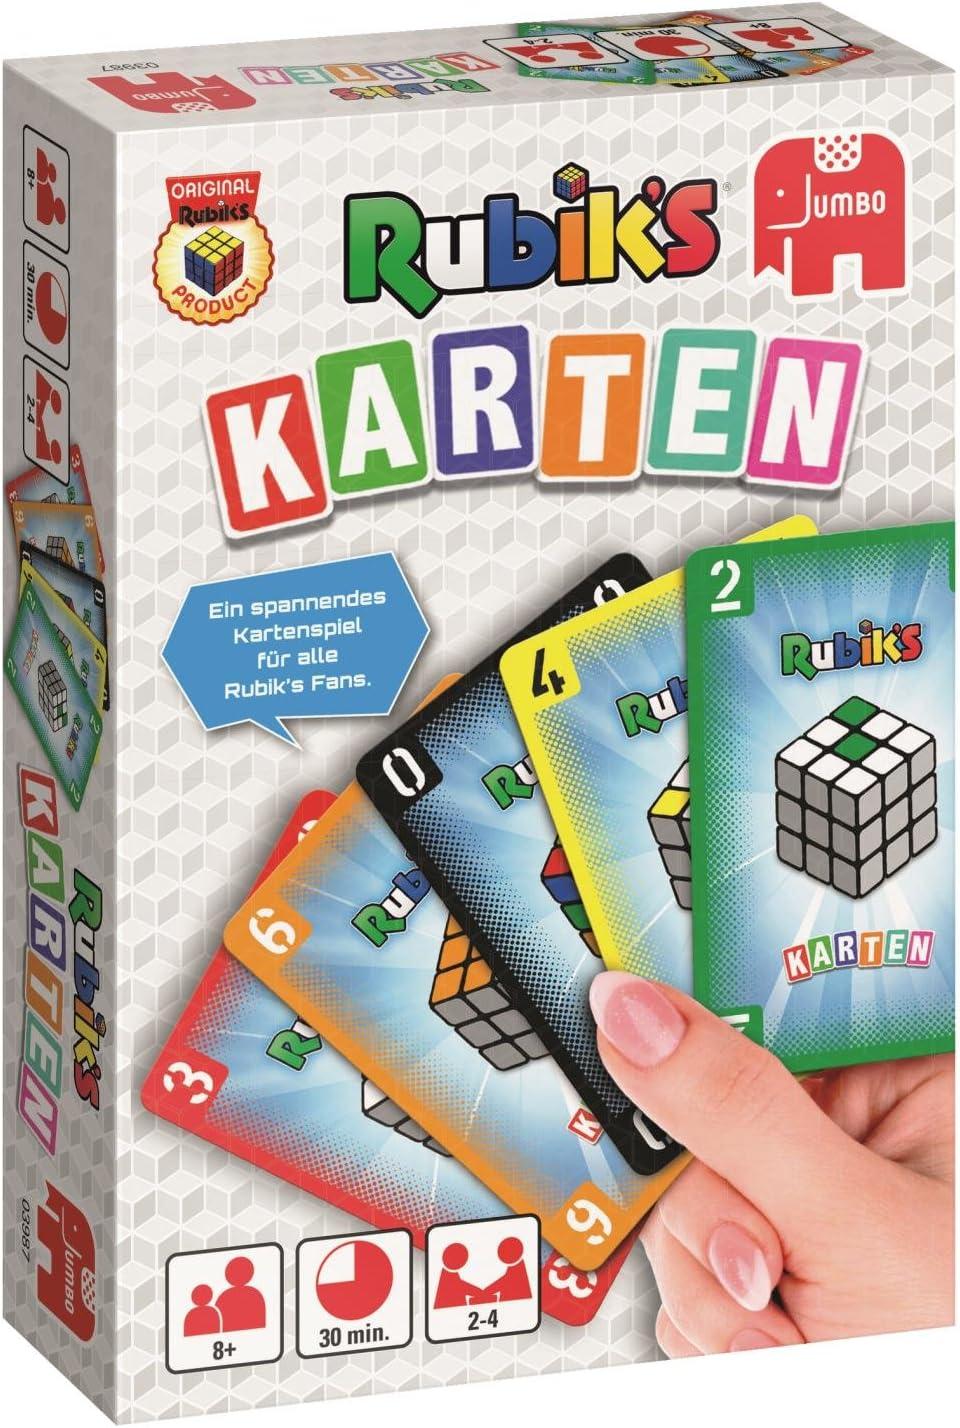 Jumbo Spiele 03987 – Rubiks, Juego de Cartas, Colores: Amazon.es: Juguetes y juegos